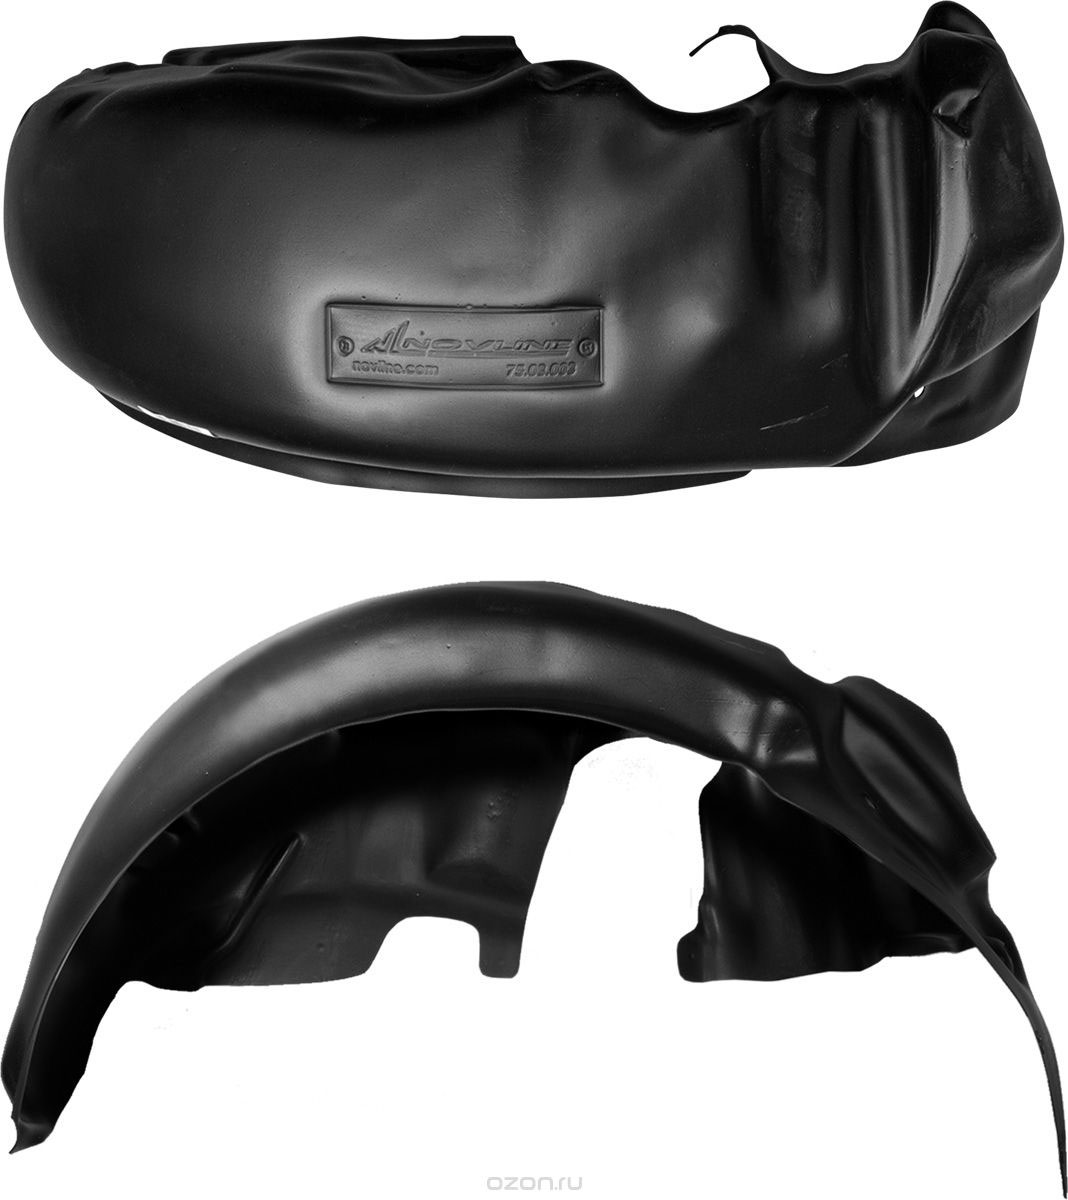 Подкрылок Novline-Autofamily, для HYUNDAI Solaris, 02/2017, седан, задний левыйSVC-300Идеальная защита колесной ниши. Локеры разработаны с применением цифровых технологий, гарантируют максимальную повторяемость поверхности арки. Изделия устанавливаются без нарушения лакокрасочного покрытия автомобиля, каждый подкрылок комплектуется крепежом. Уважаемые клиенты, обращаем ваше внимание, что фотографии на подкрылки универсальные и не отражают реальную форму изделия. При этом само изделие идет точно под размер указанного автомобиля.